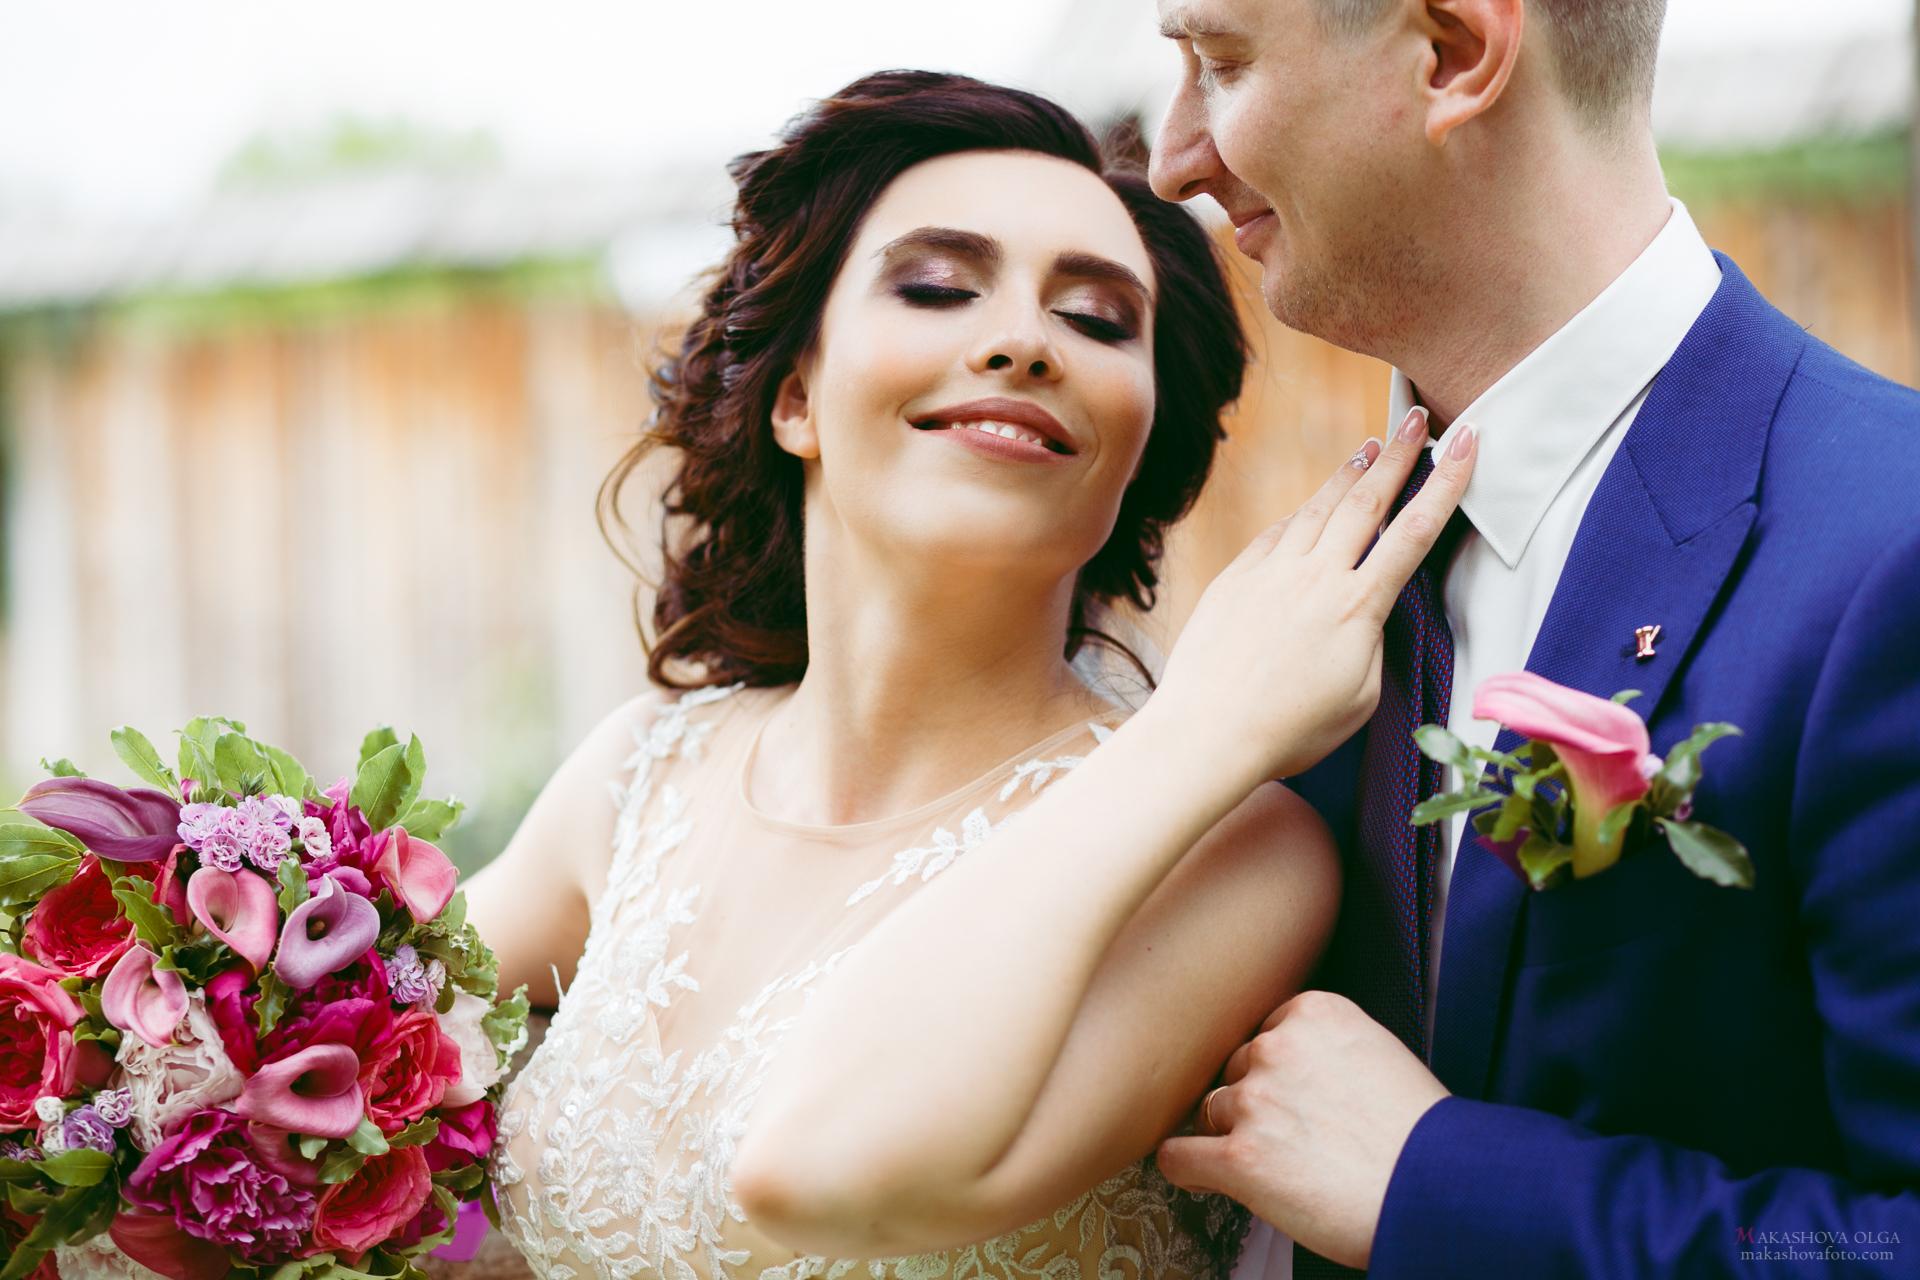 центральный городской свадебные фотографы в железнодорожном чаще всего